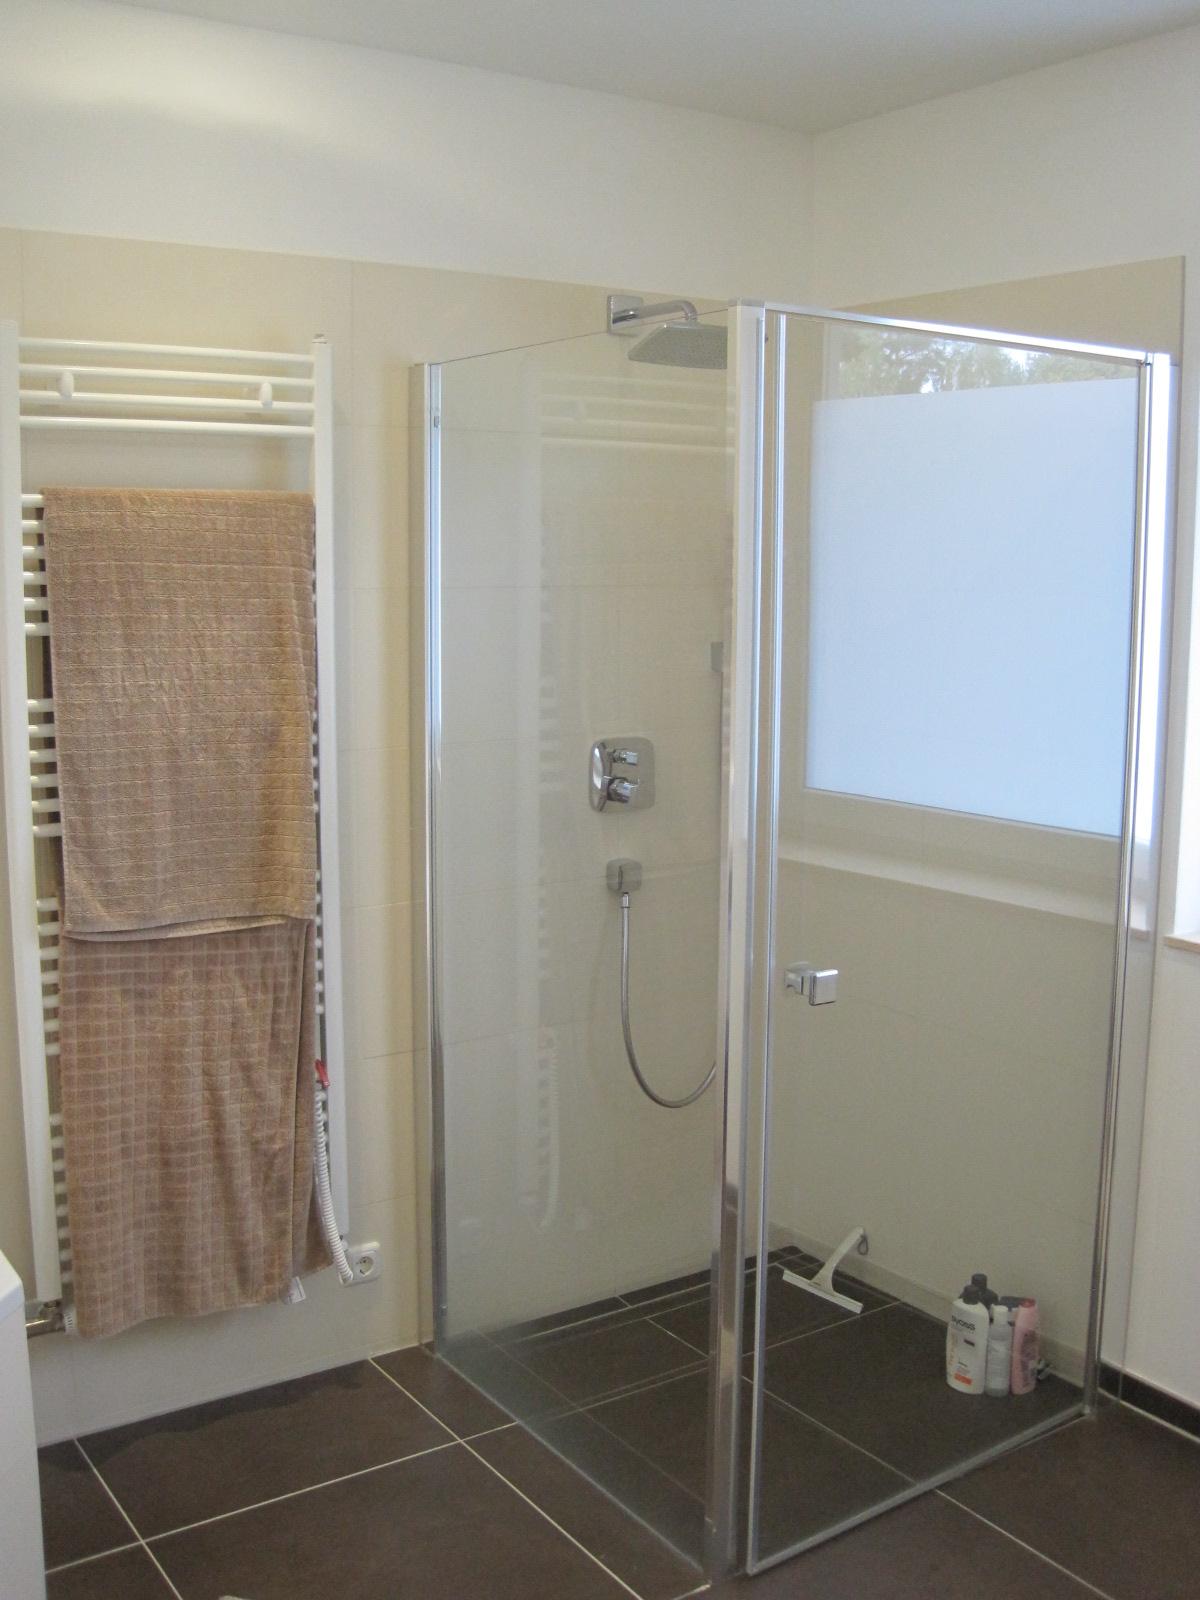 fertiges bad mit ebenerdiger dusche unterputzamaturen und handtuchtrockner baugemeinschaft. Black Bedroom Furniture Sets. Home Design Ideas